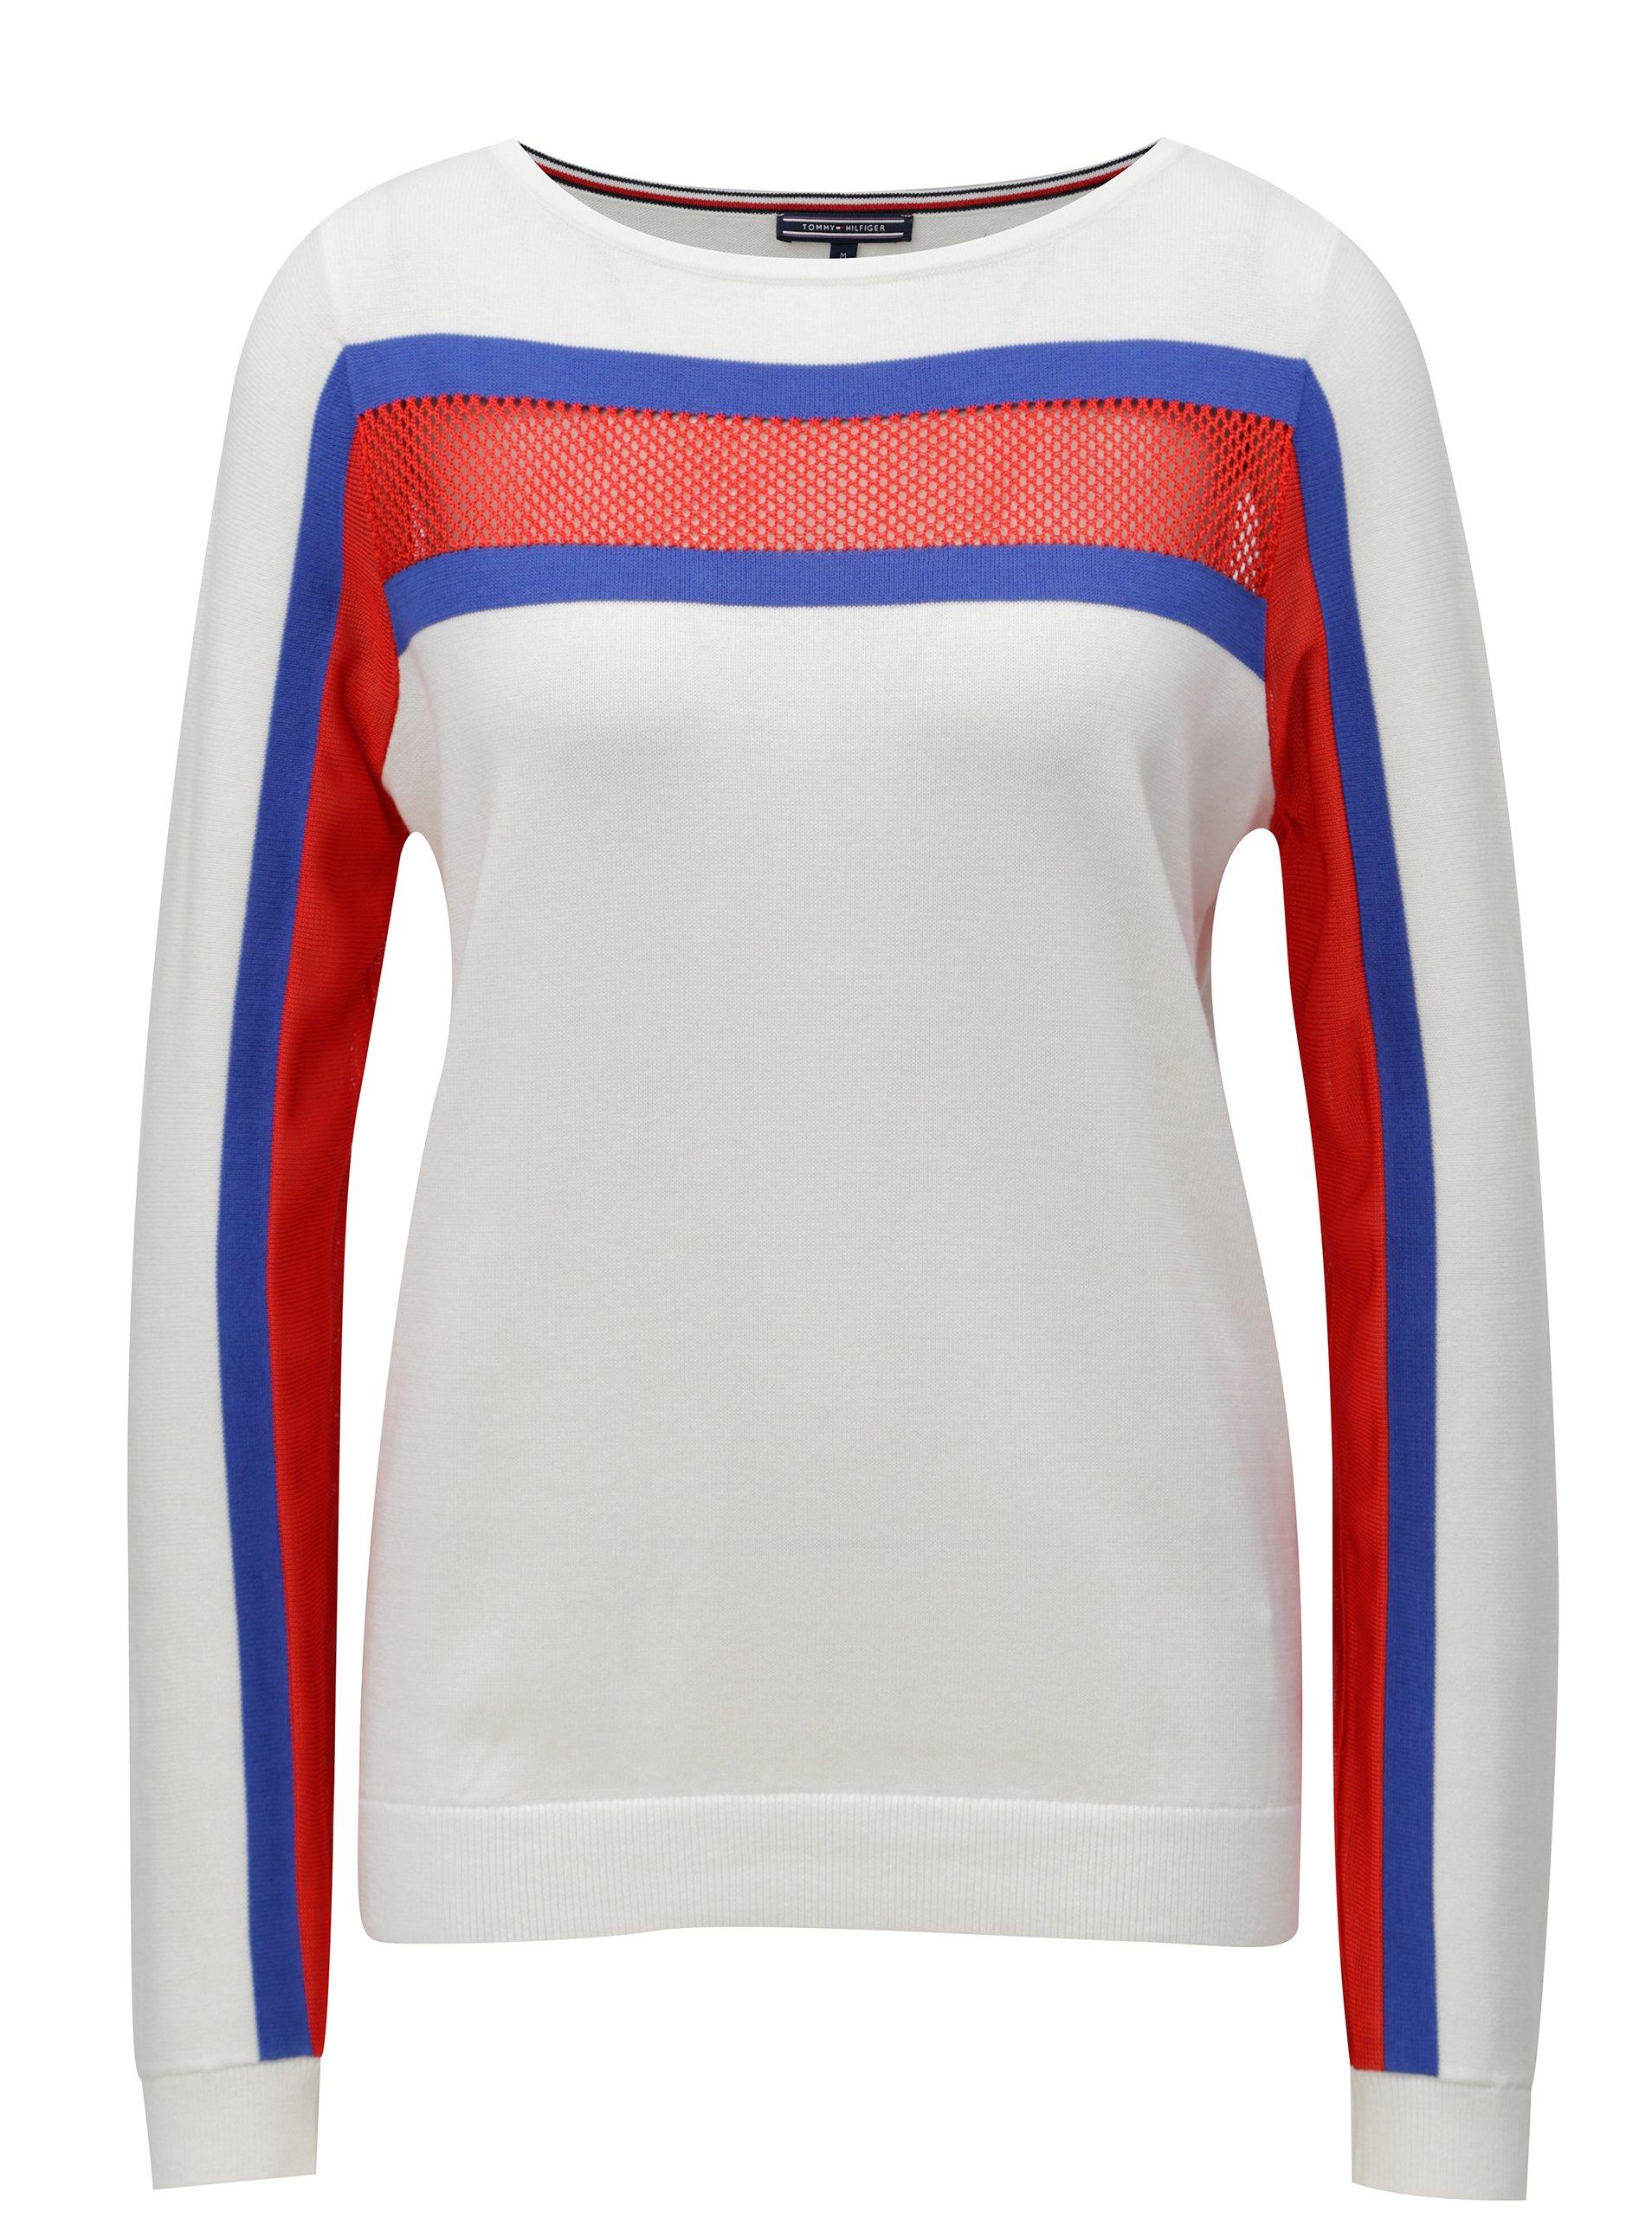 fedda45e41 Biele dámske svetrové tričko s dlhým rukávom Tommy Hilfiger